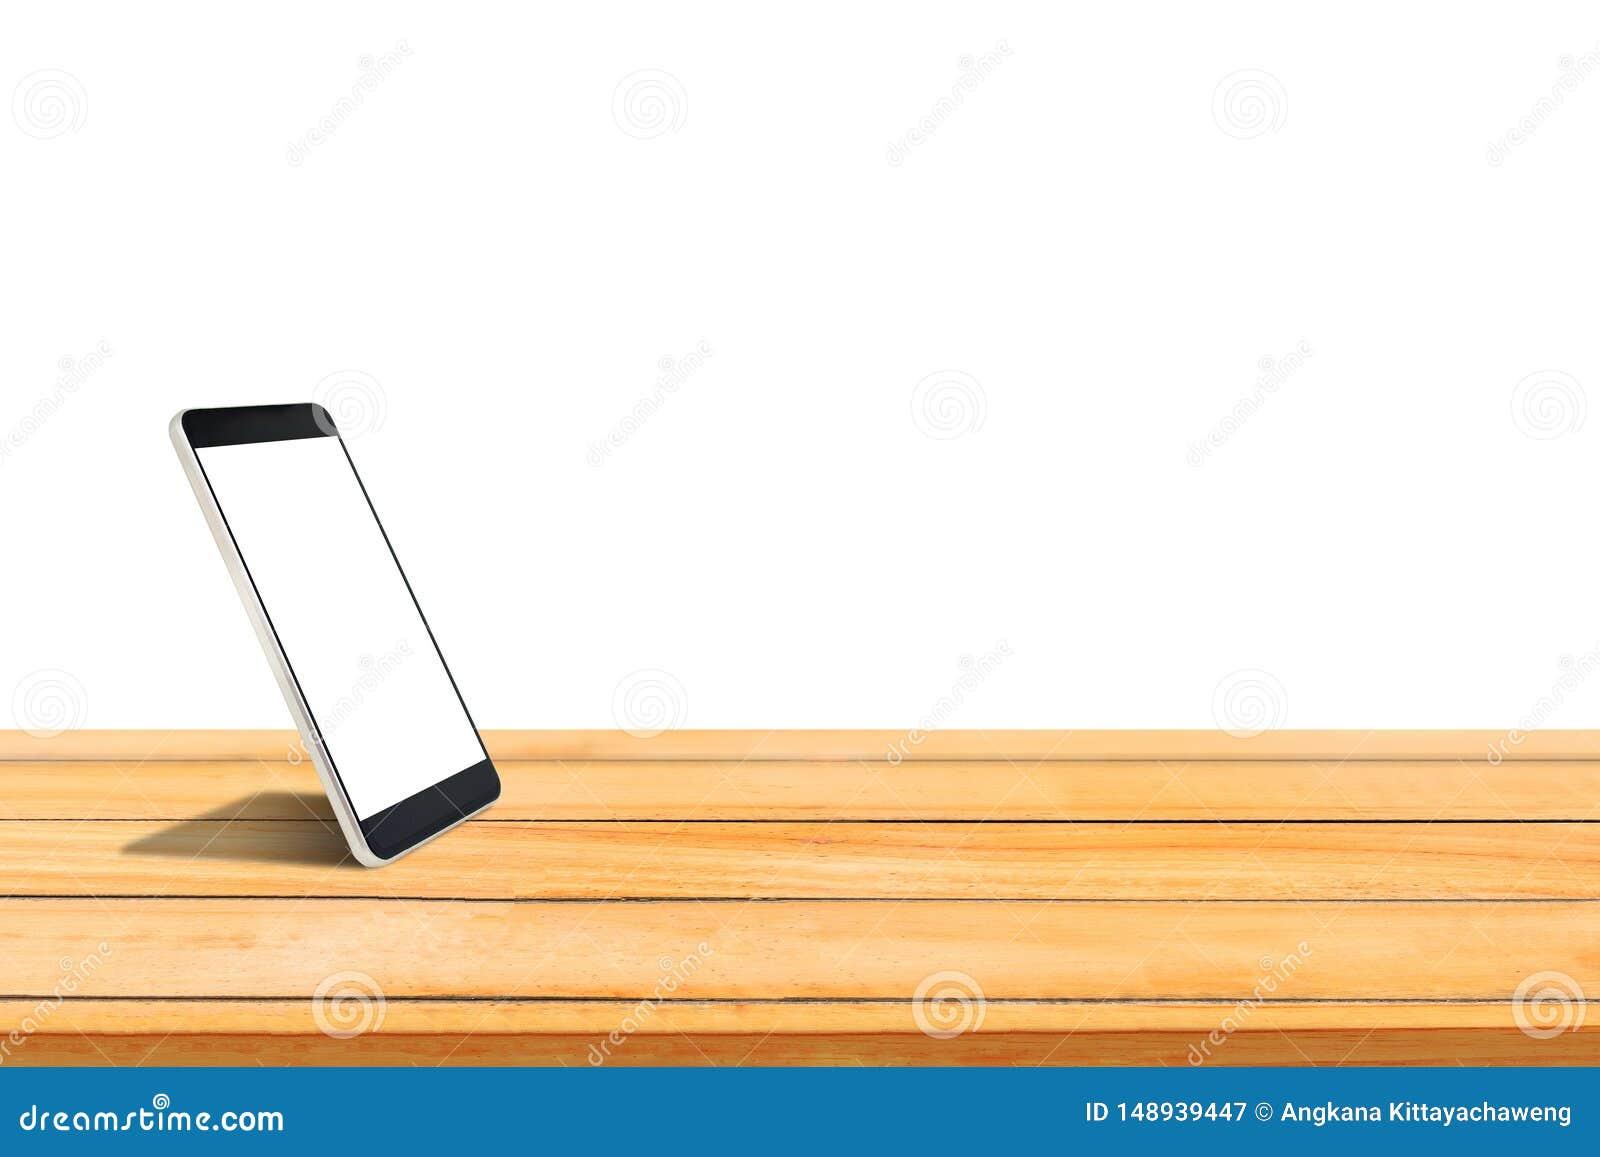 Smartphone mit dem leeren weißen Schirm gesetzt auf den Holztisch lokalisiert auf weißem Hintergrund